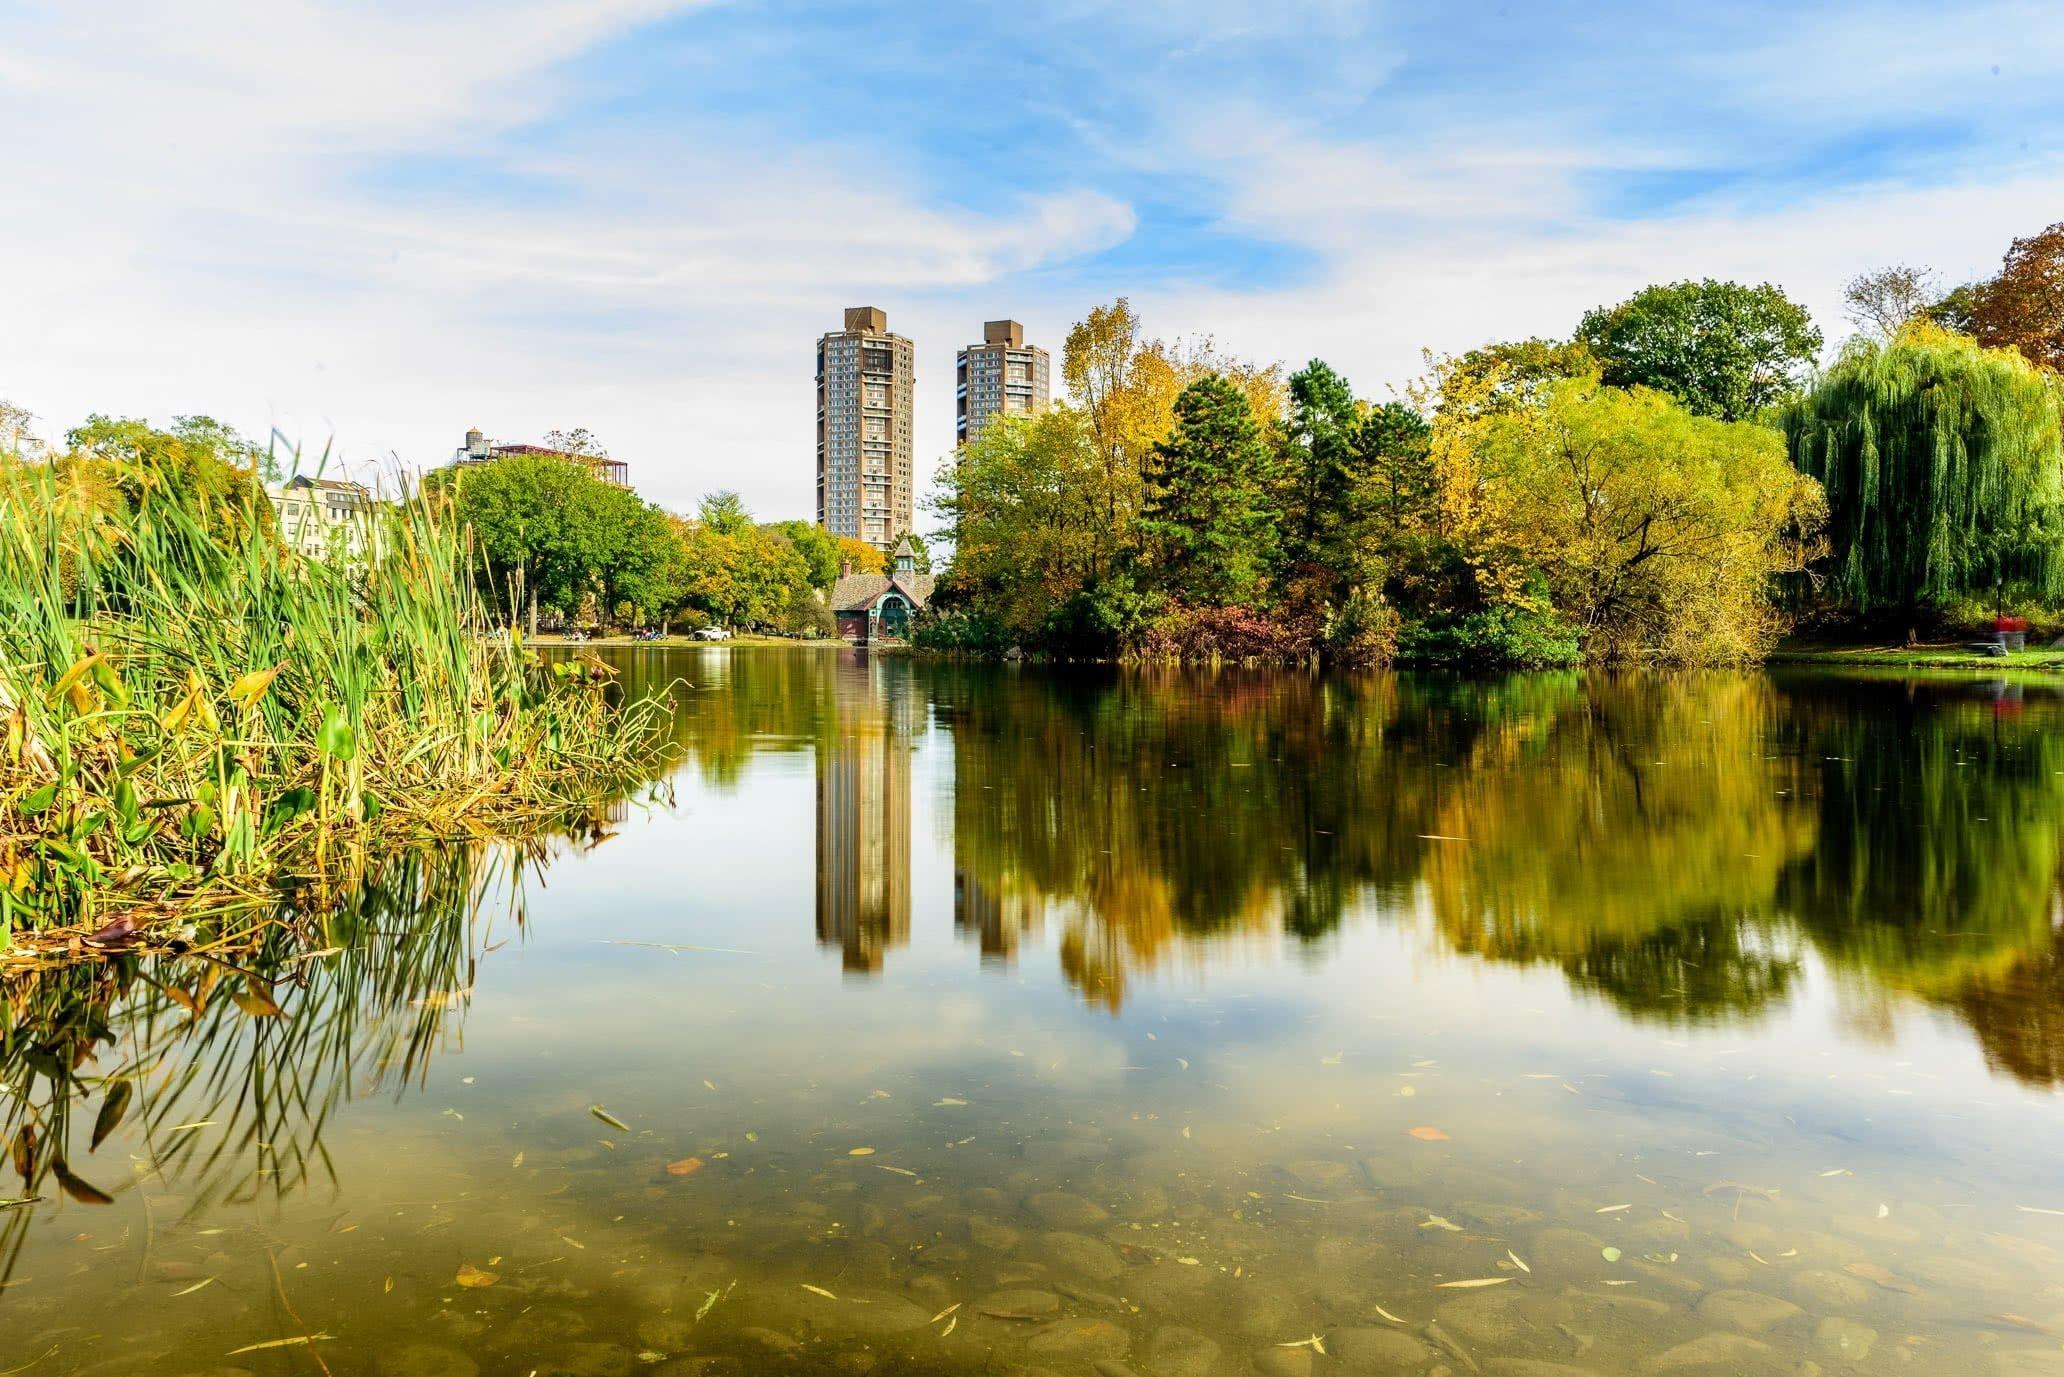 Central Park, Harlem Meer